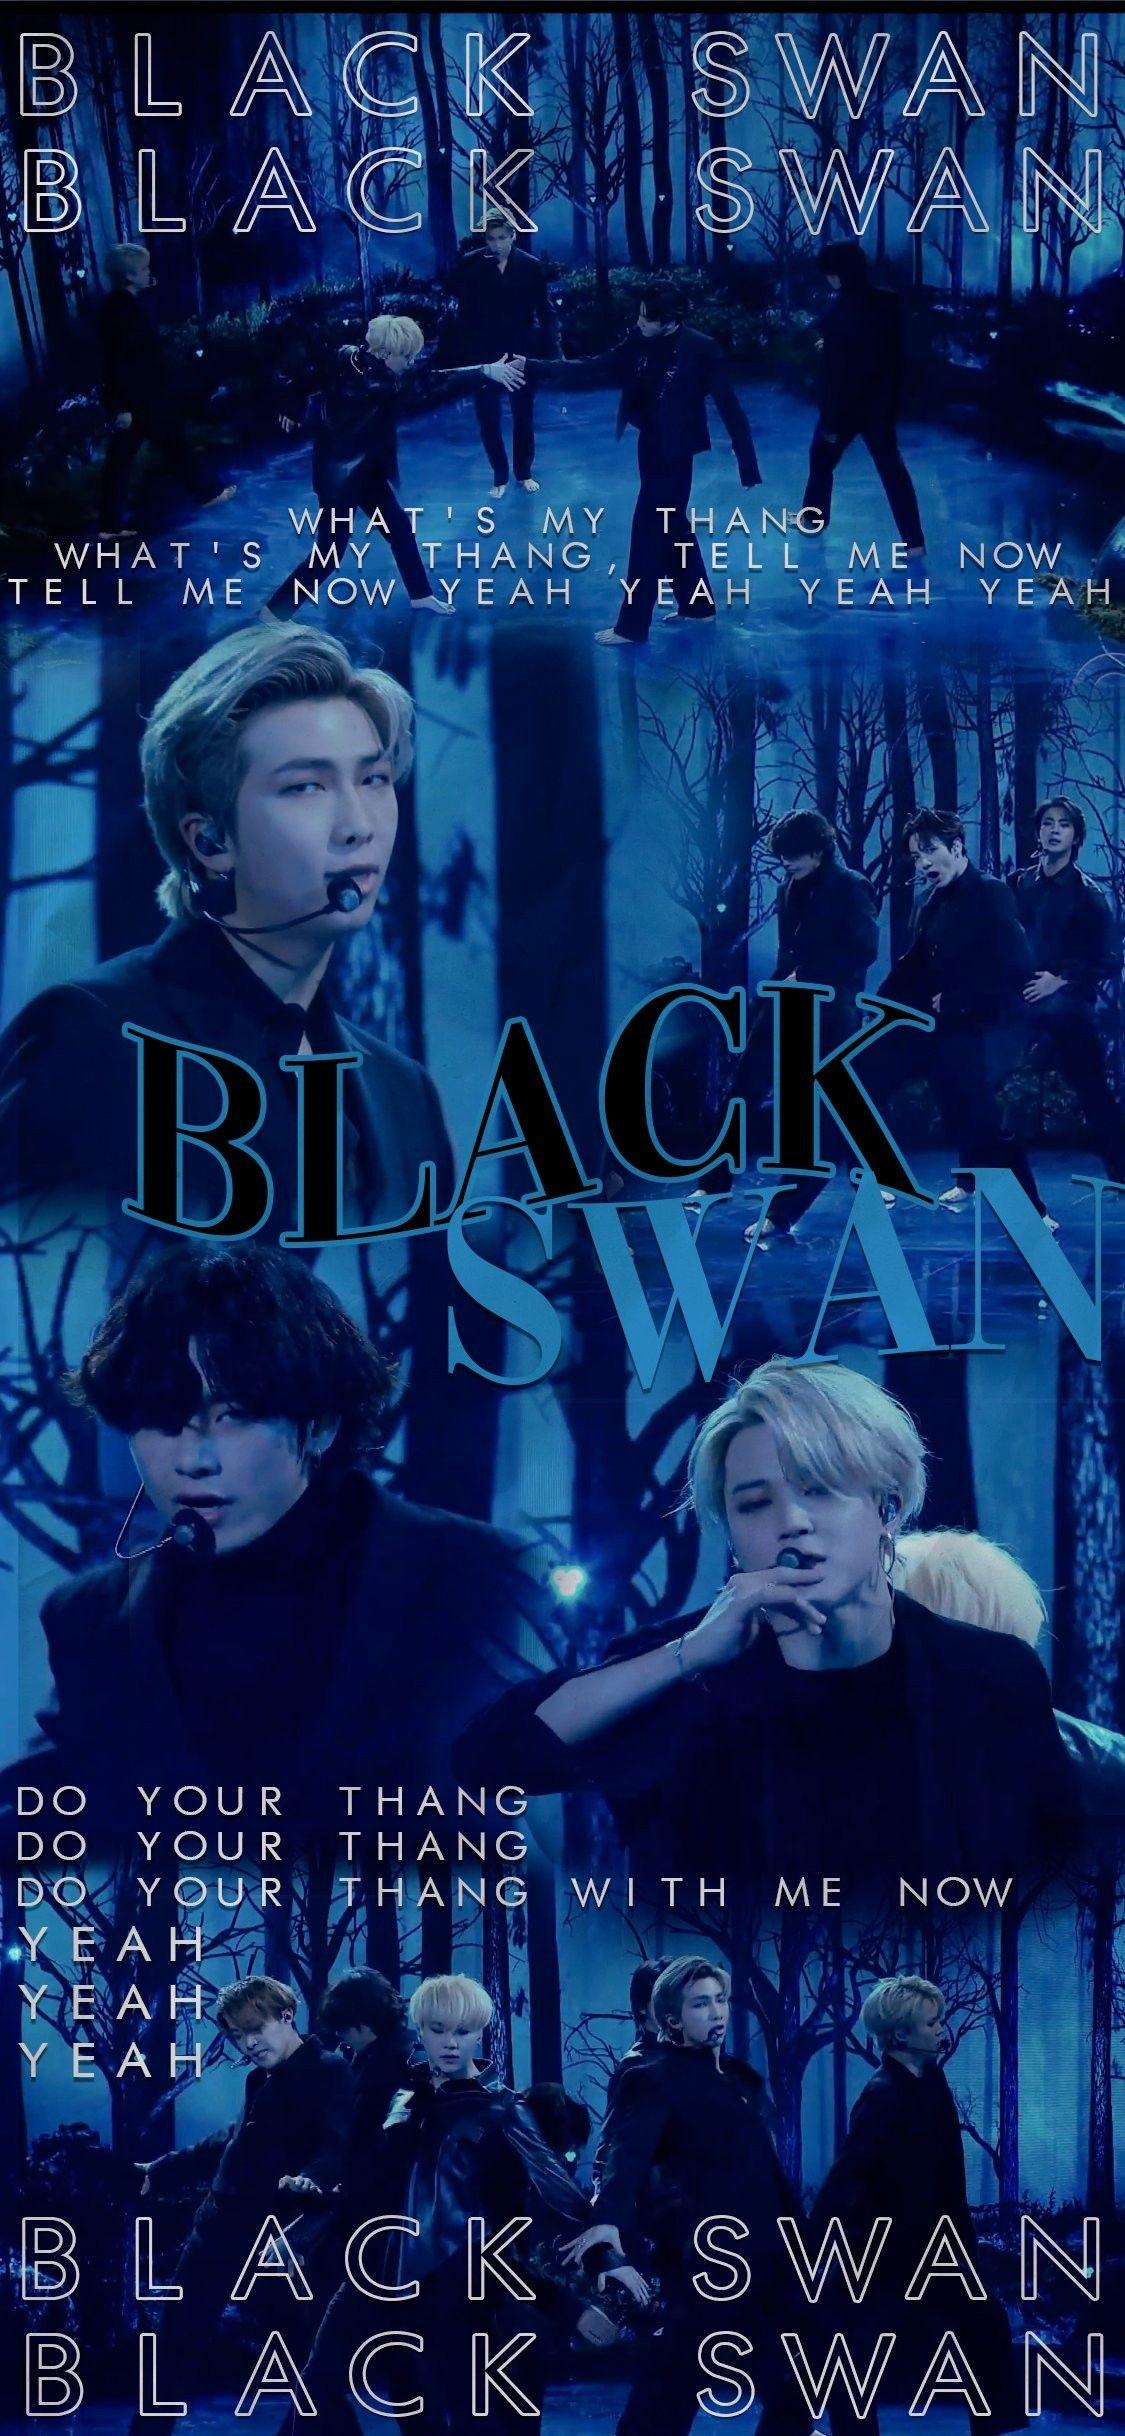 Bts Black Swan Wallpapers Lockscreen In 2020 Bts Wallpaper Bts Lyric Black Swan